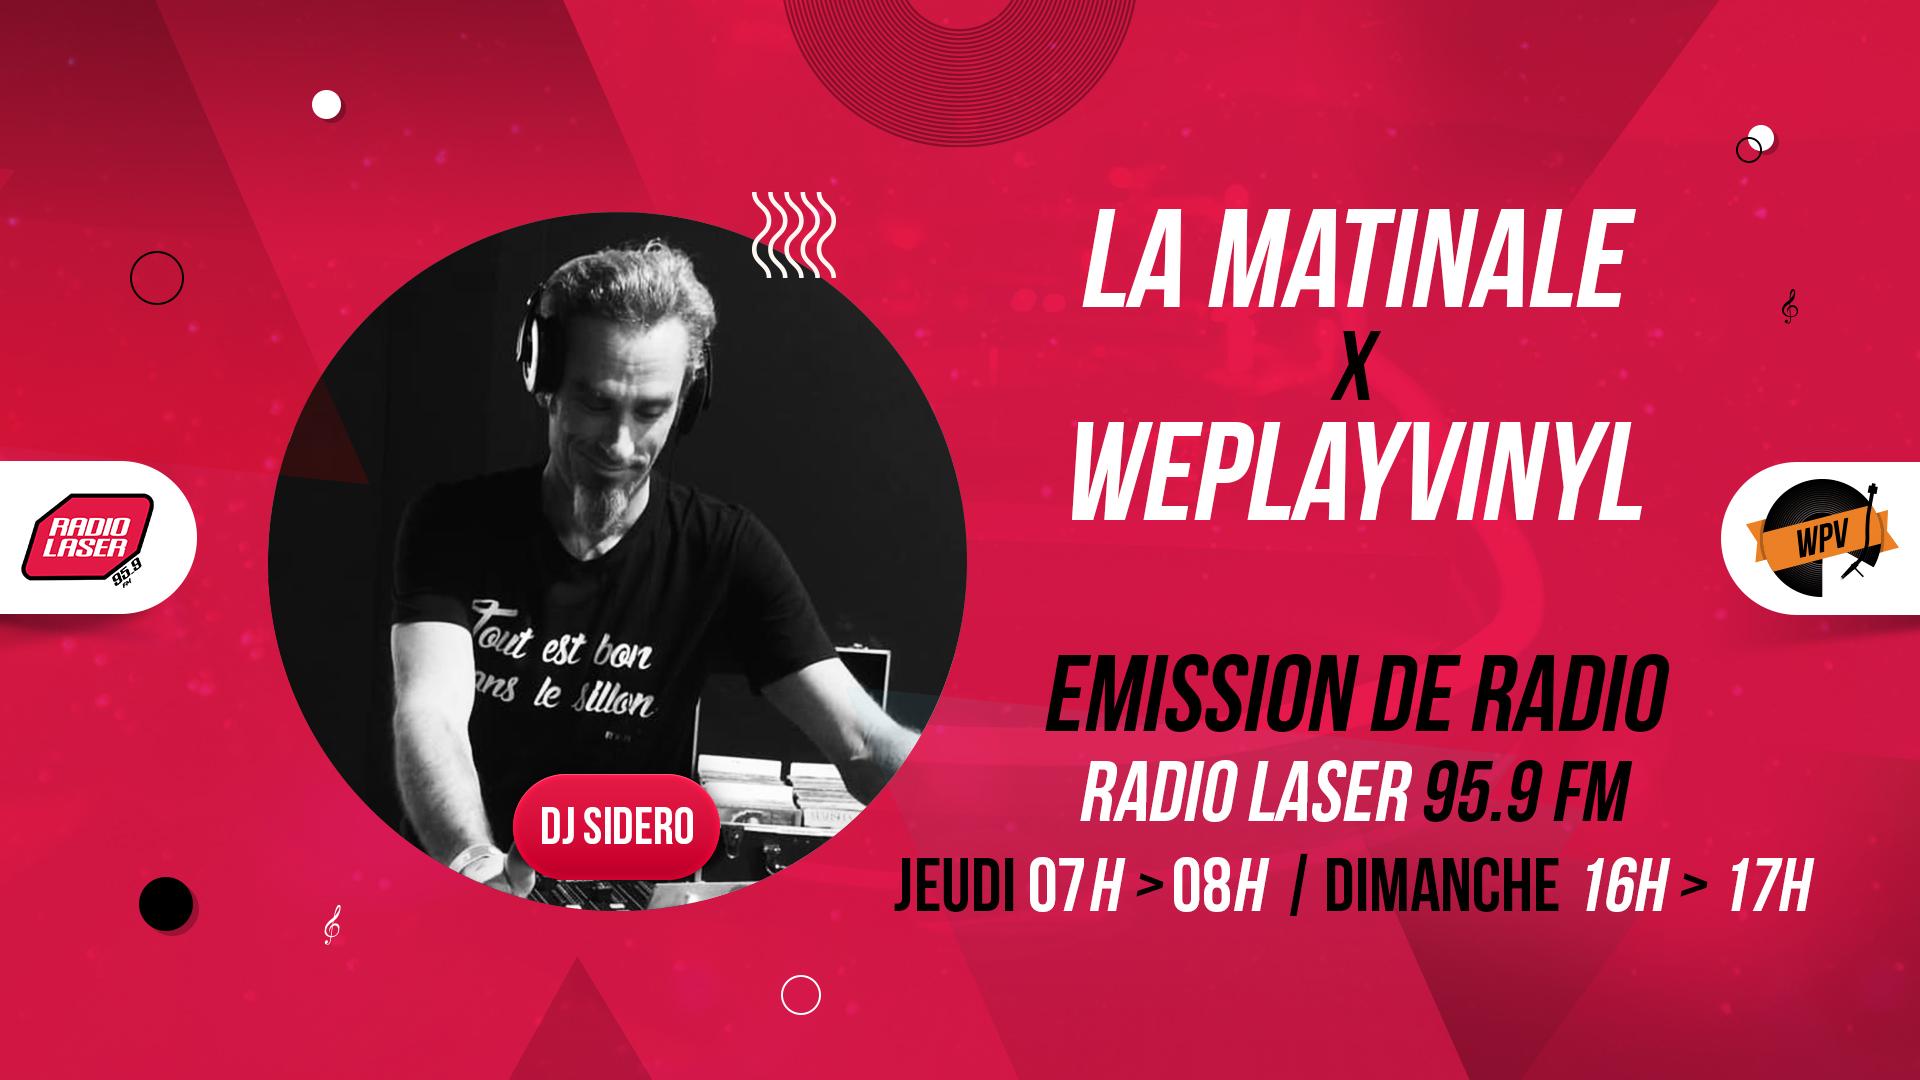 Header de La matinale - Emission de radio - Sidero - Radio laser